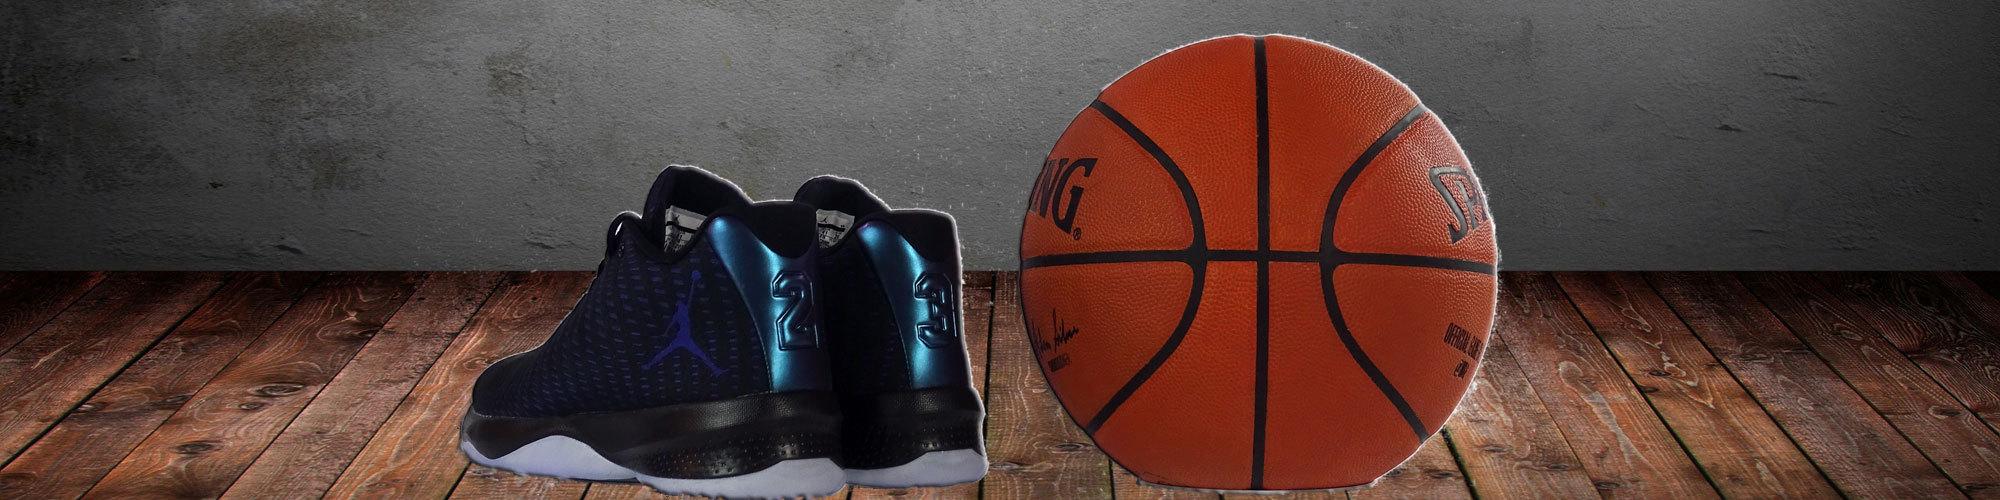 18cd65e887 Regalos baloncesto. Zapatillas, libros, pelotas, accesorios, mochilas